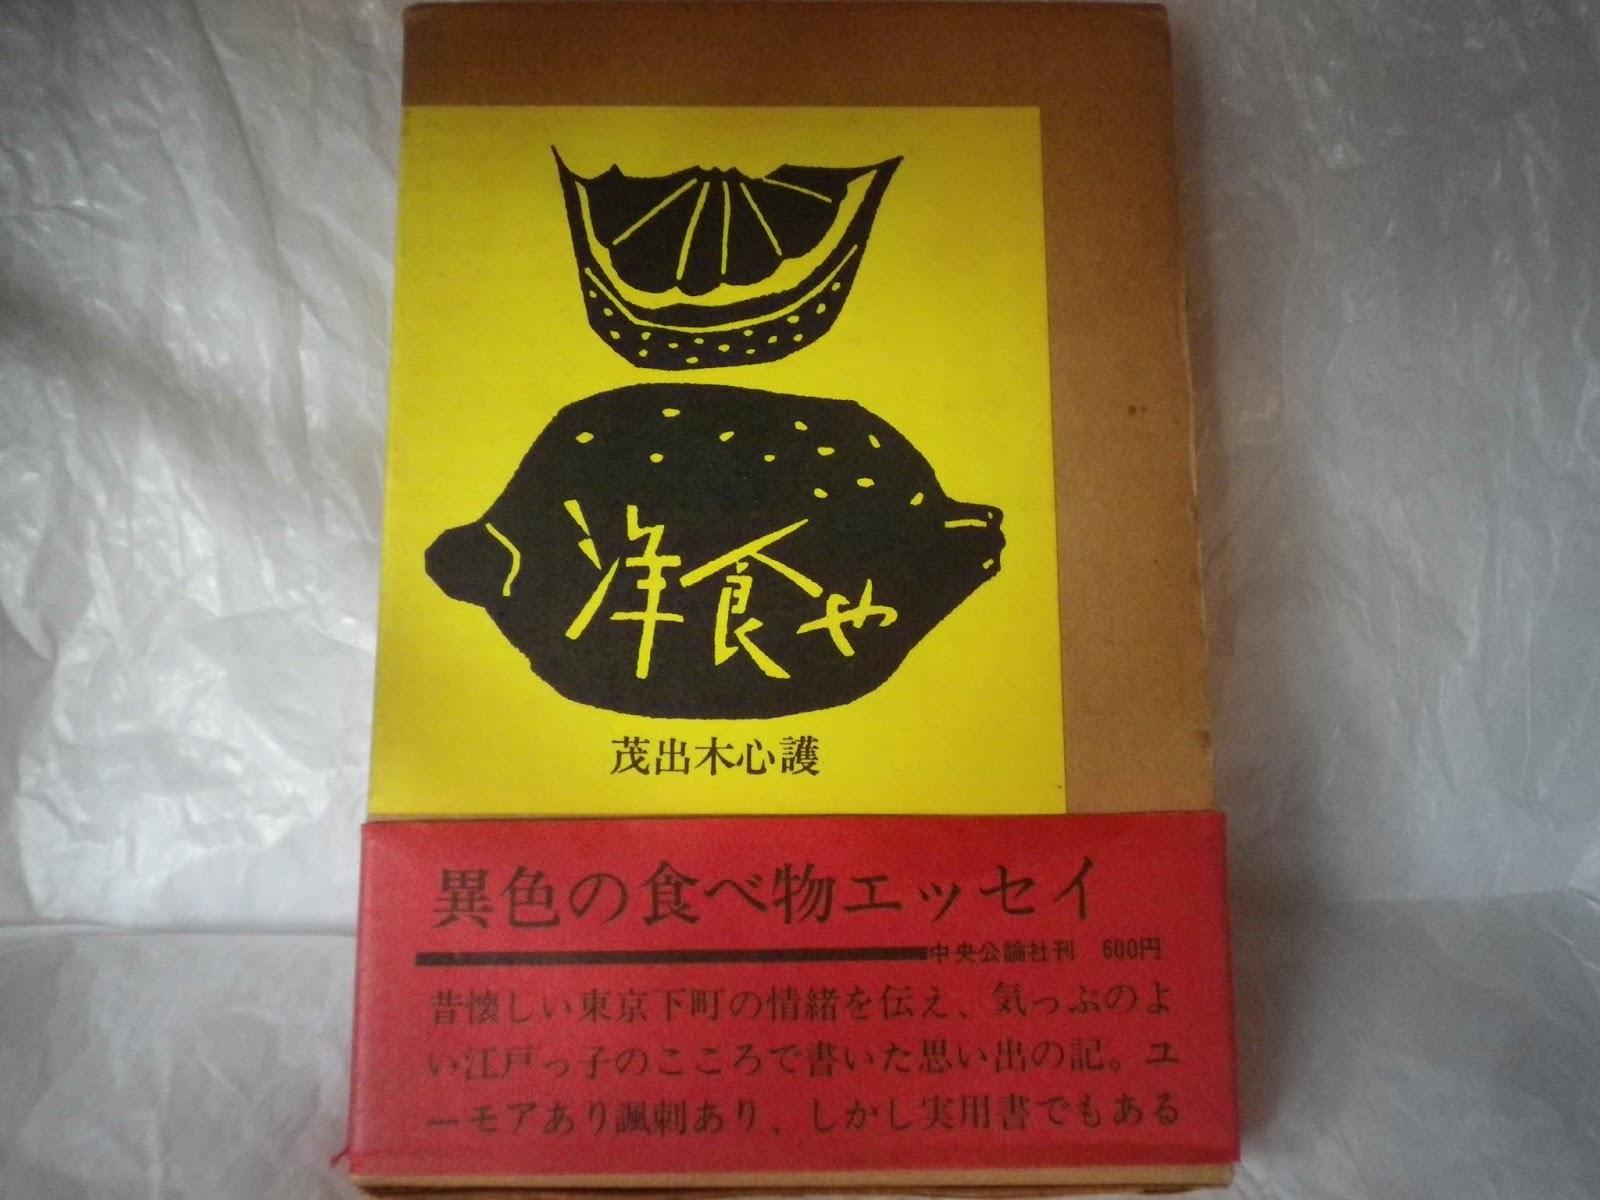 ここん 神楽坂のブログです: 『洋食や』茂出木心護(本日20日は12時から営業します)